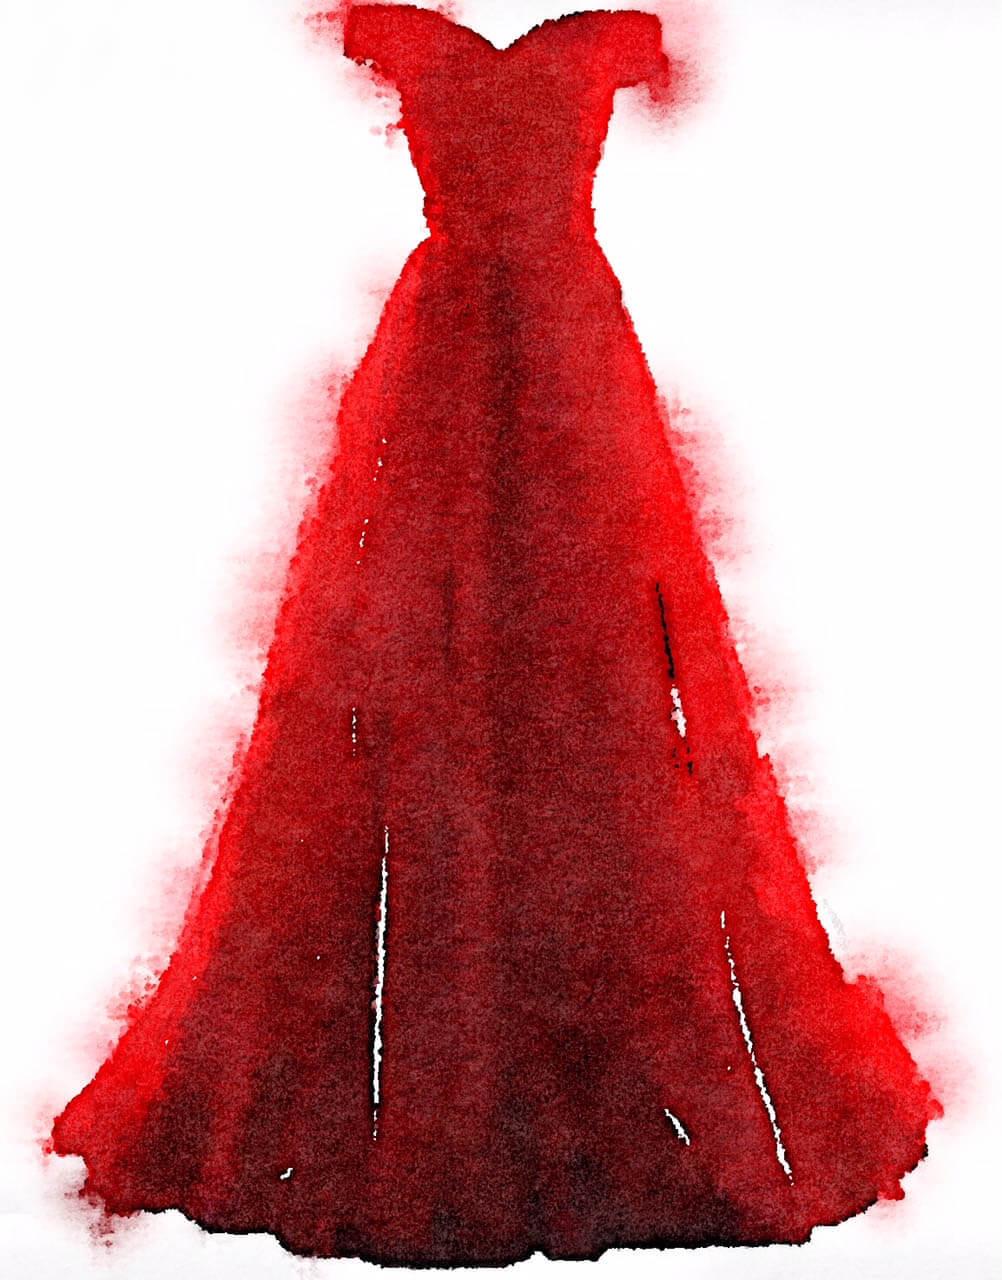 du siehst ein rotes Aquarell Kleid von Dodo Kresse